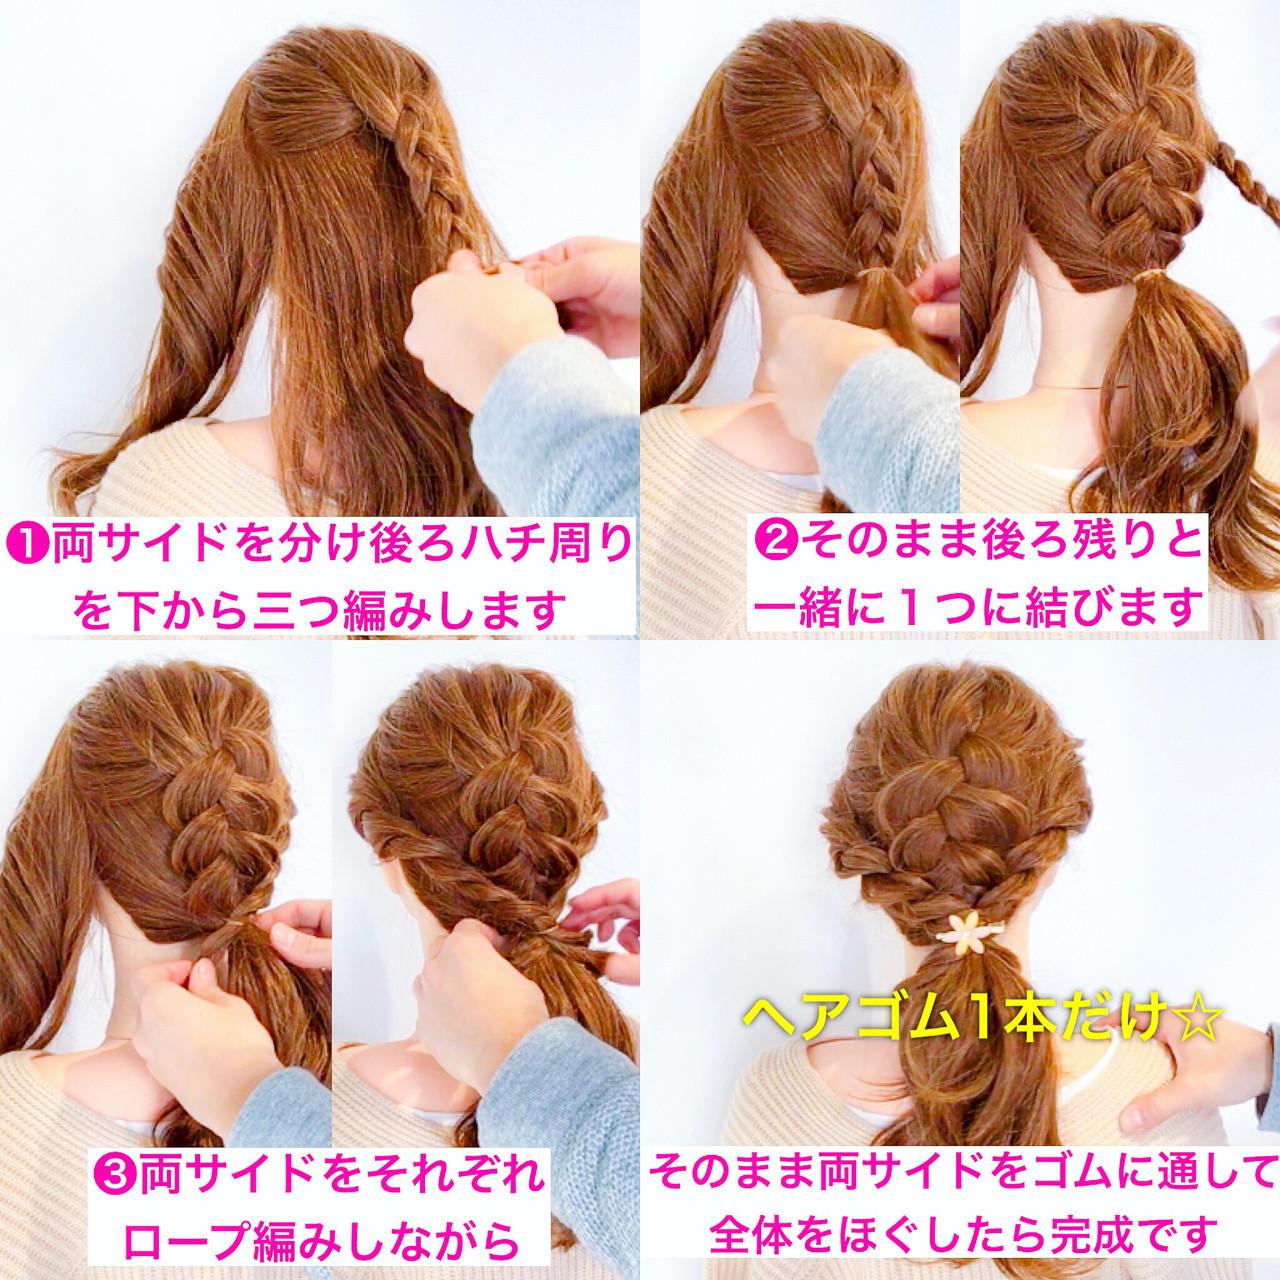 ヘアゴム1本だけでできちゃう☆大人可愛いアレンジ 美容師 HIRO